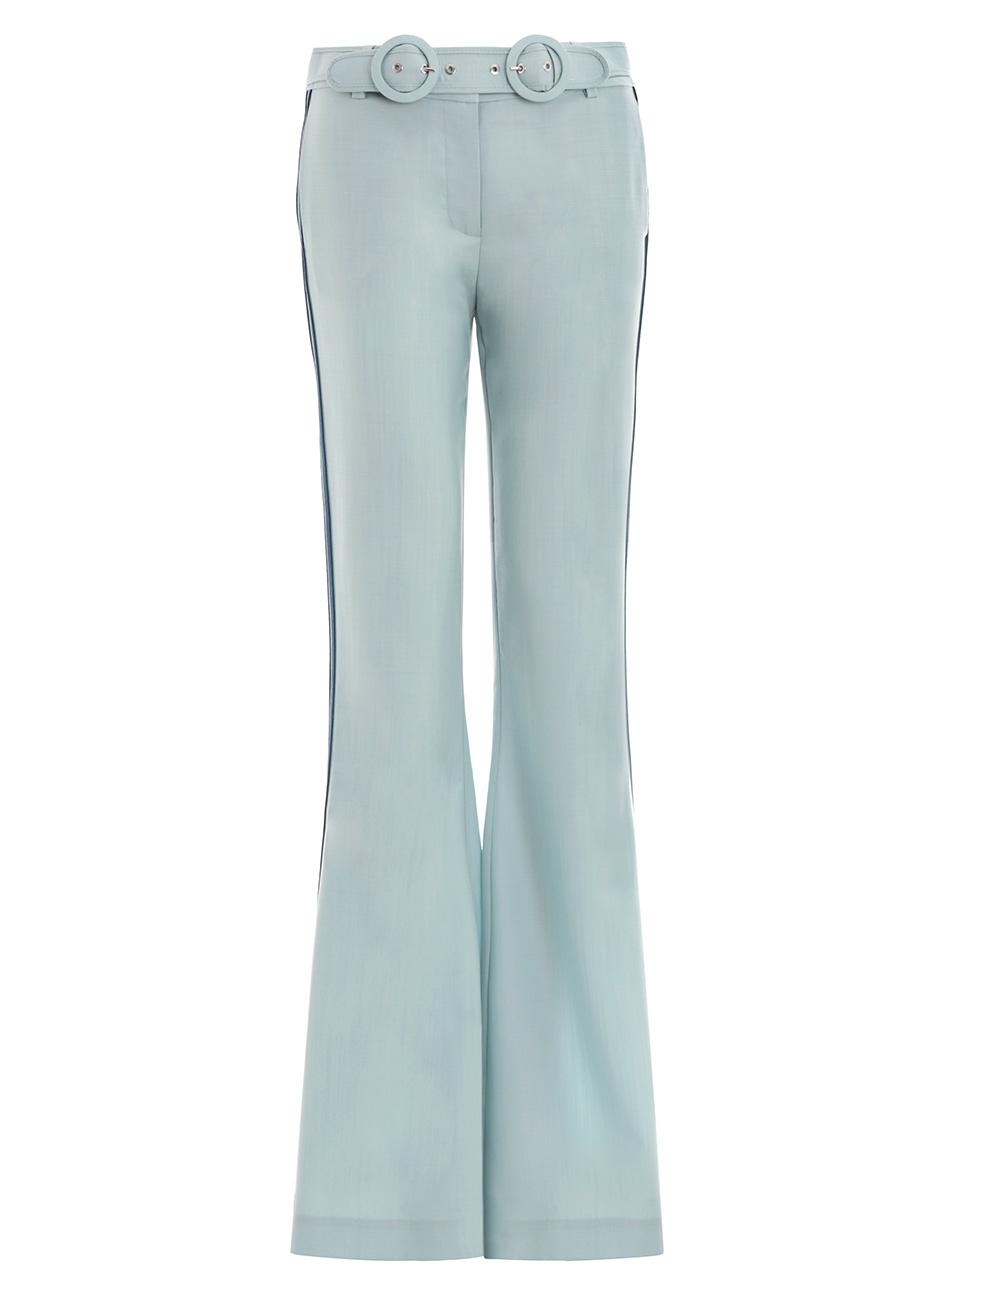 Moncur Suiting Pant